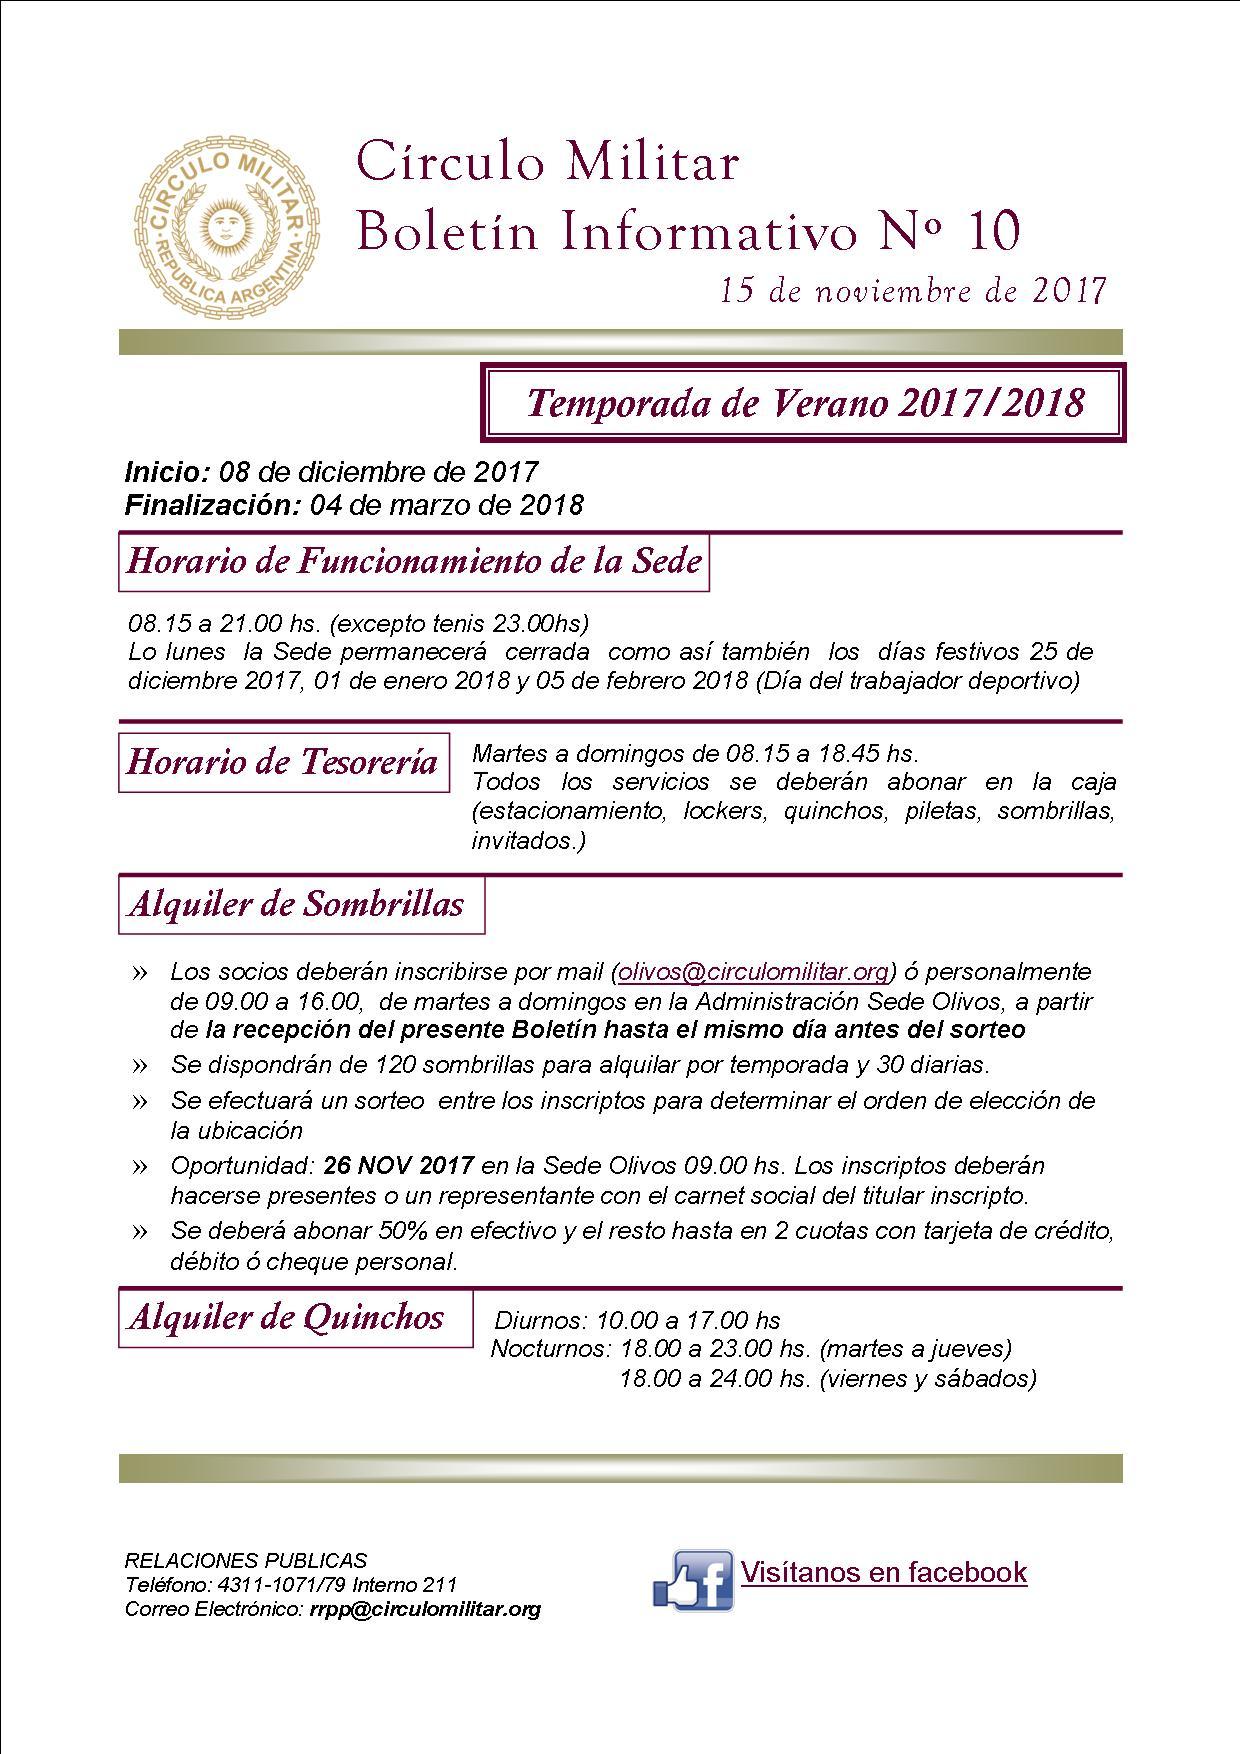 Círculo Militar Informa - Boletín Informativo 07/17